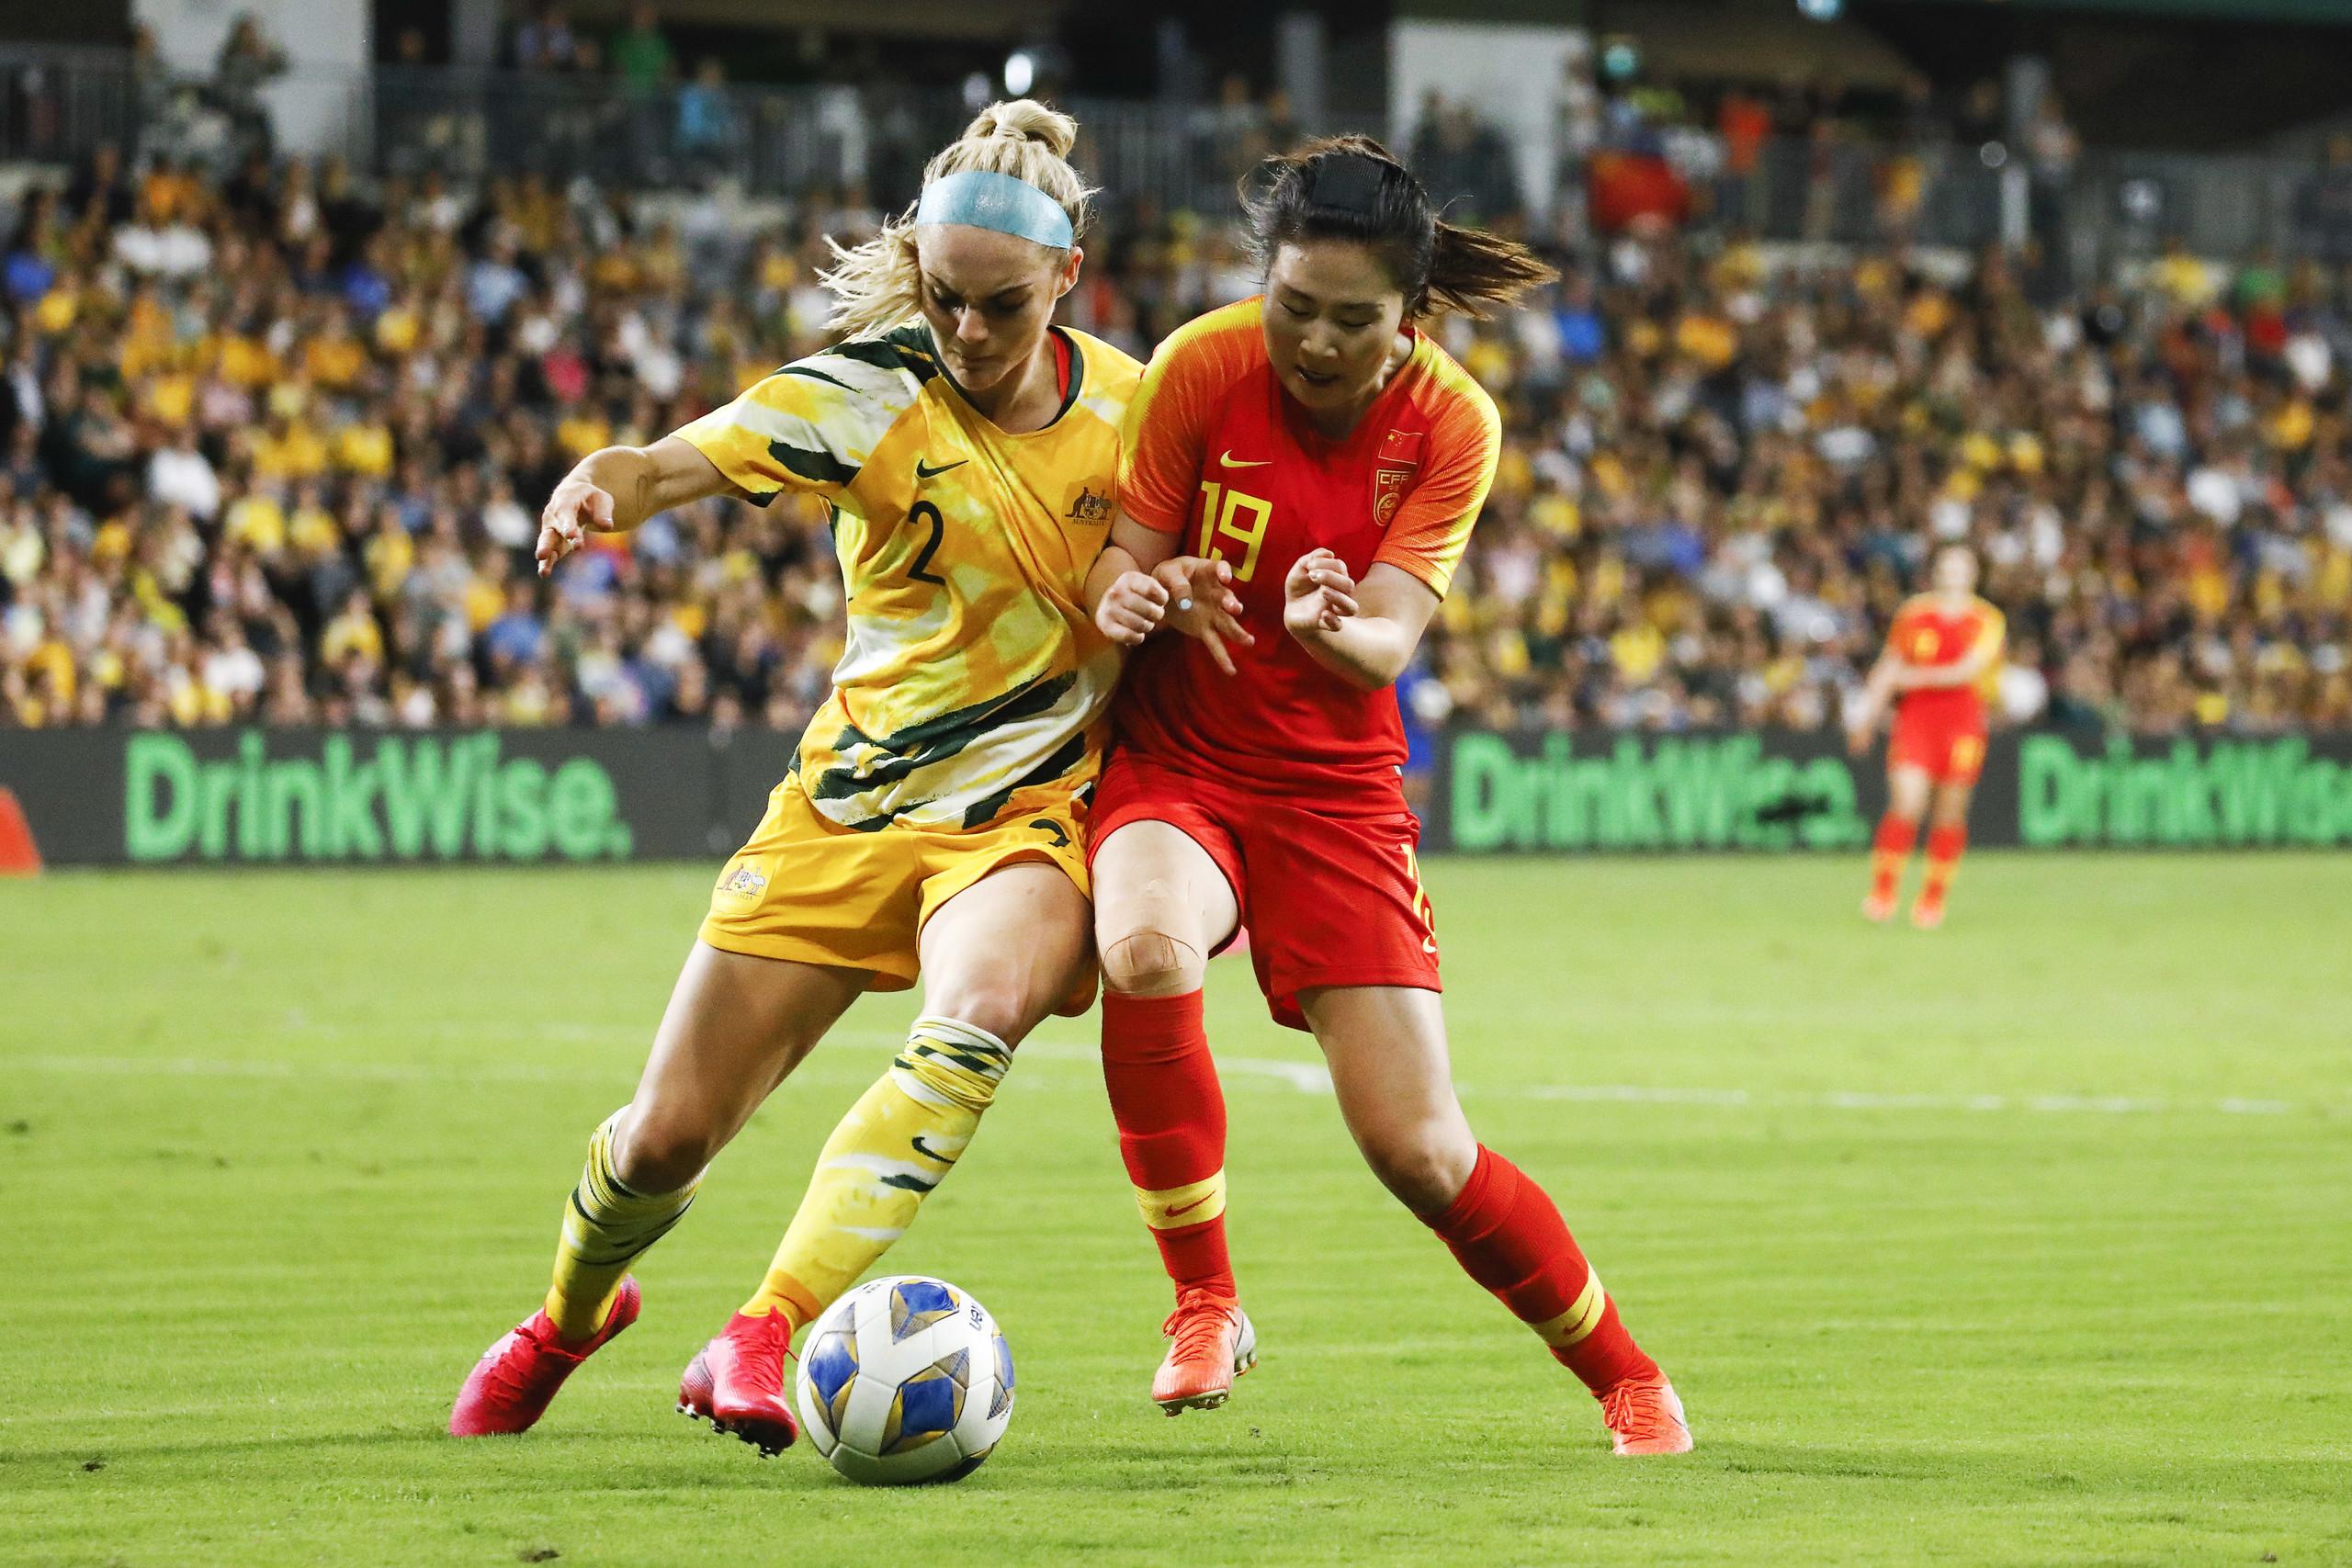 奥预赛:补时遭绝平,女足1-1平澳大利亚获小组第2